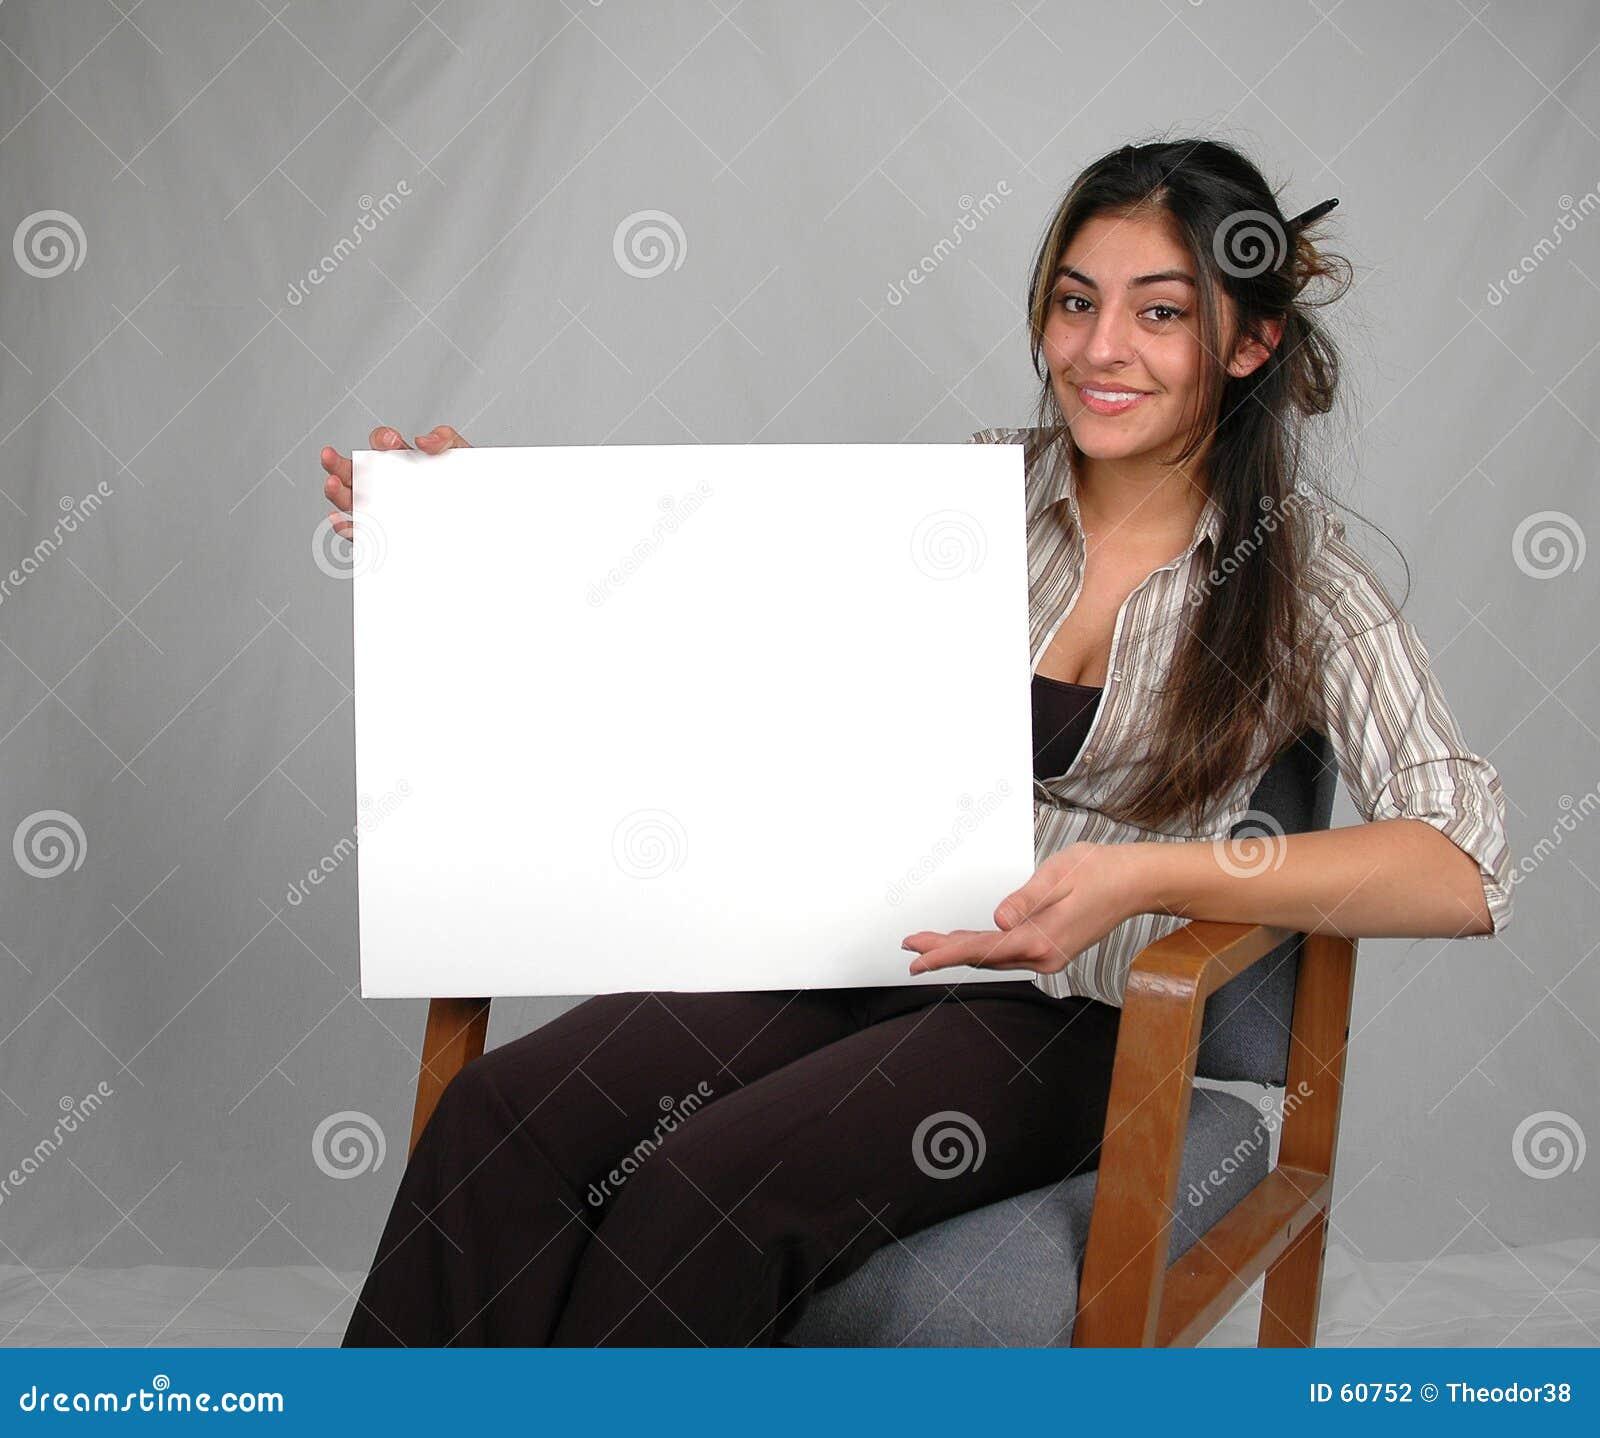 Blank board-10